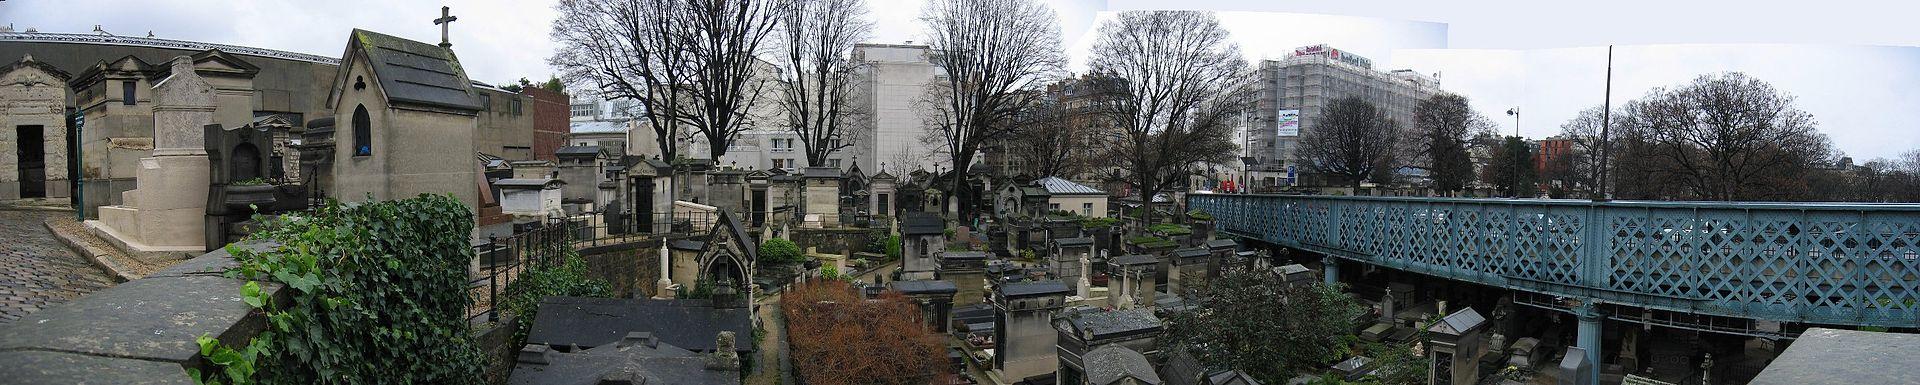 בית הקברות במונמרטר